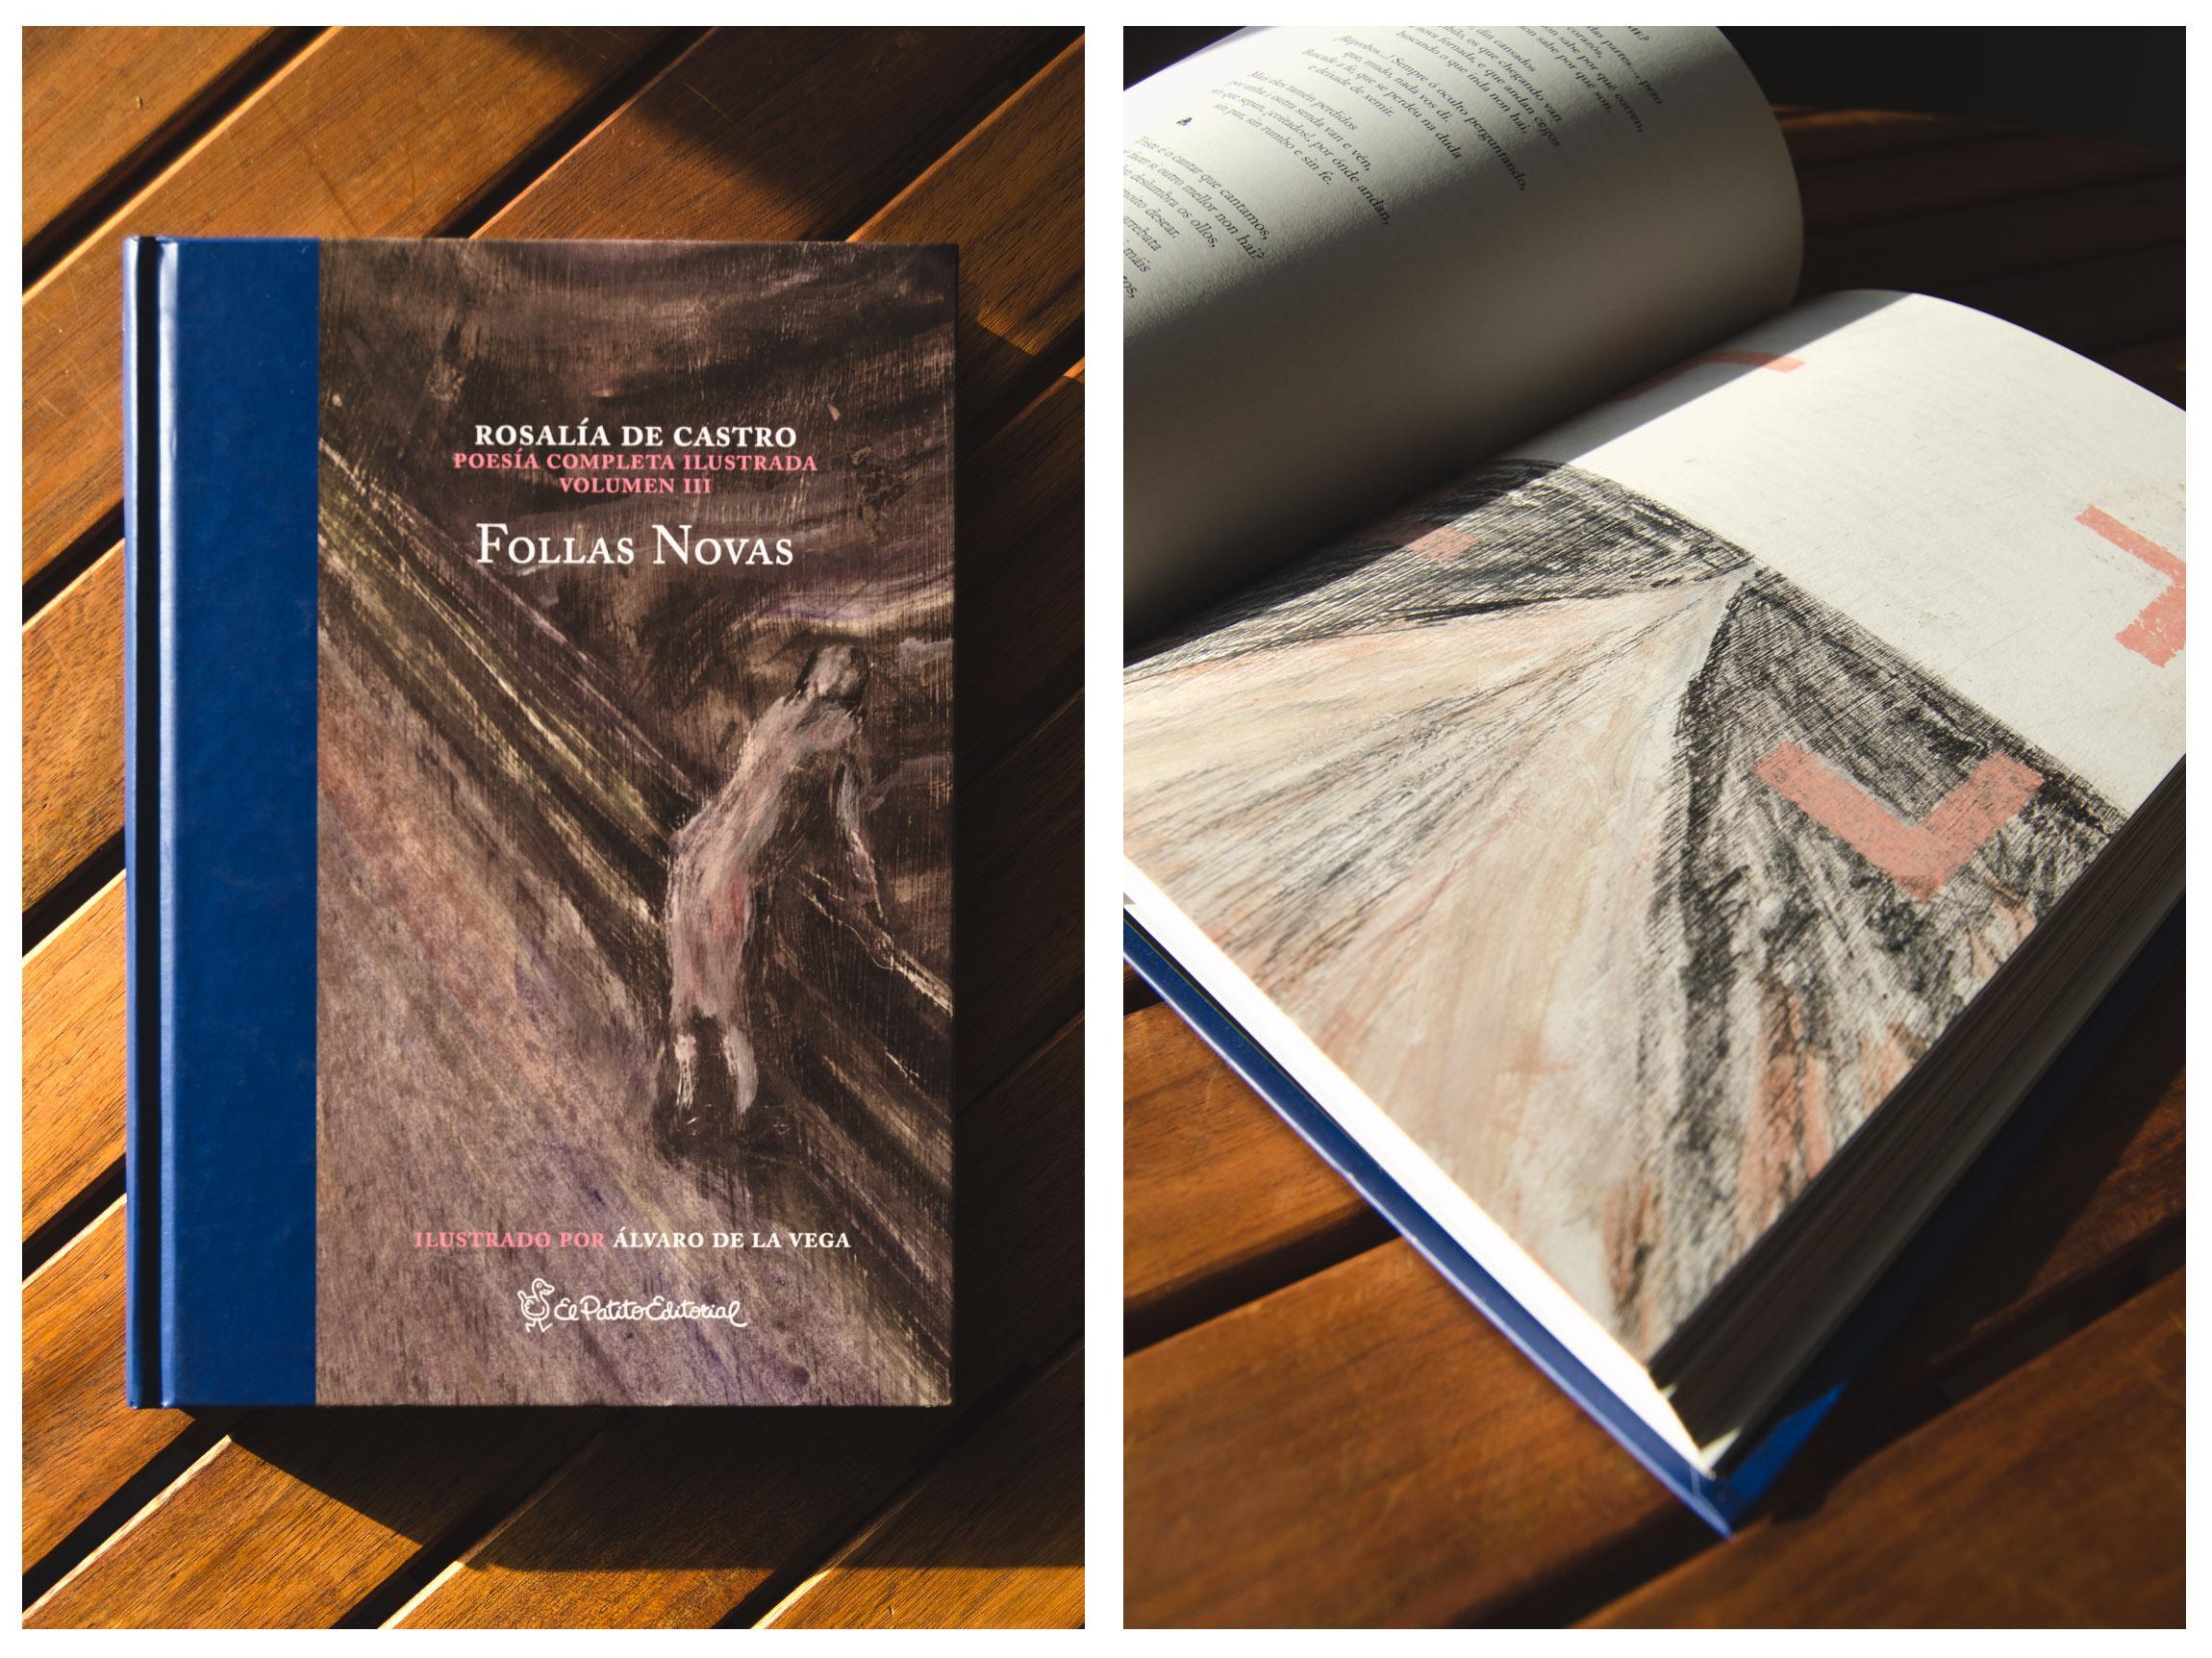 Libro Follas novas ilustrada - Rosalía de Castro